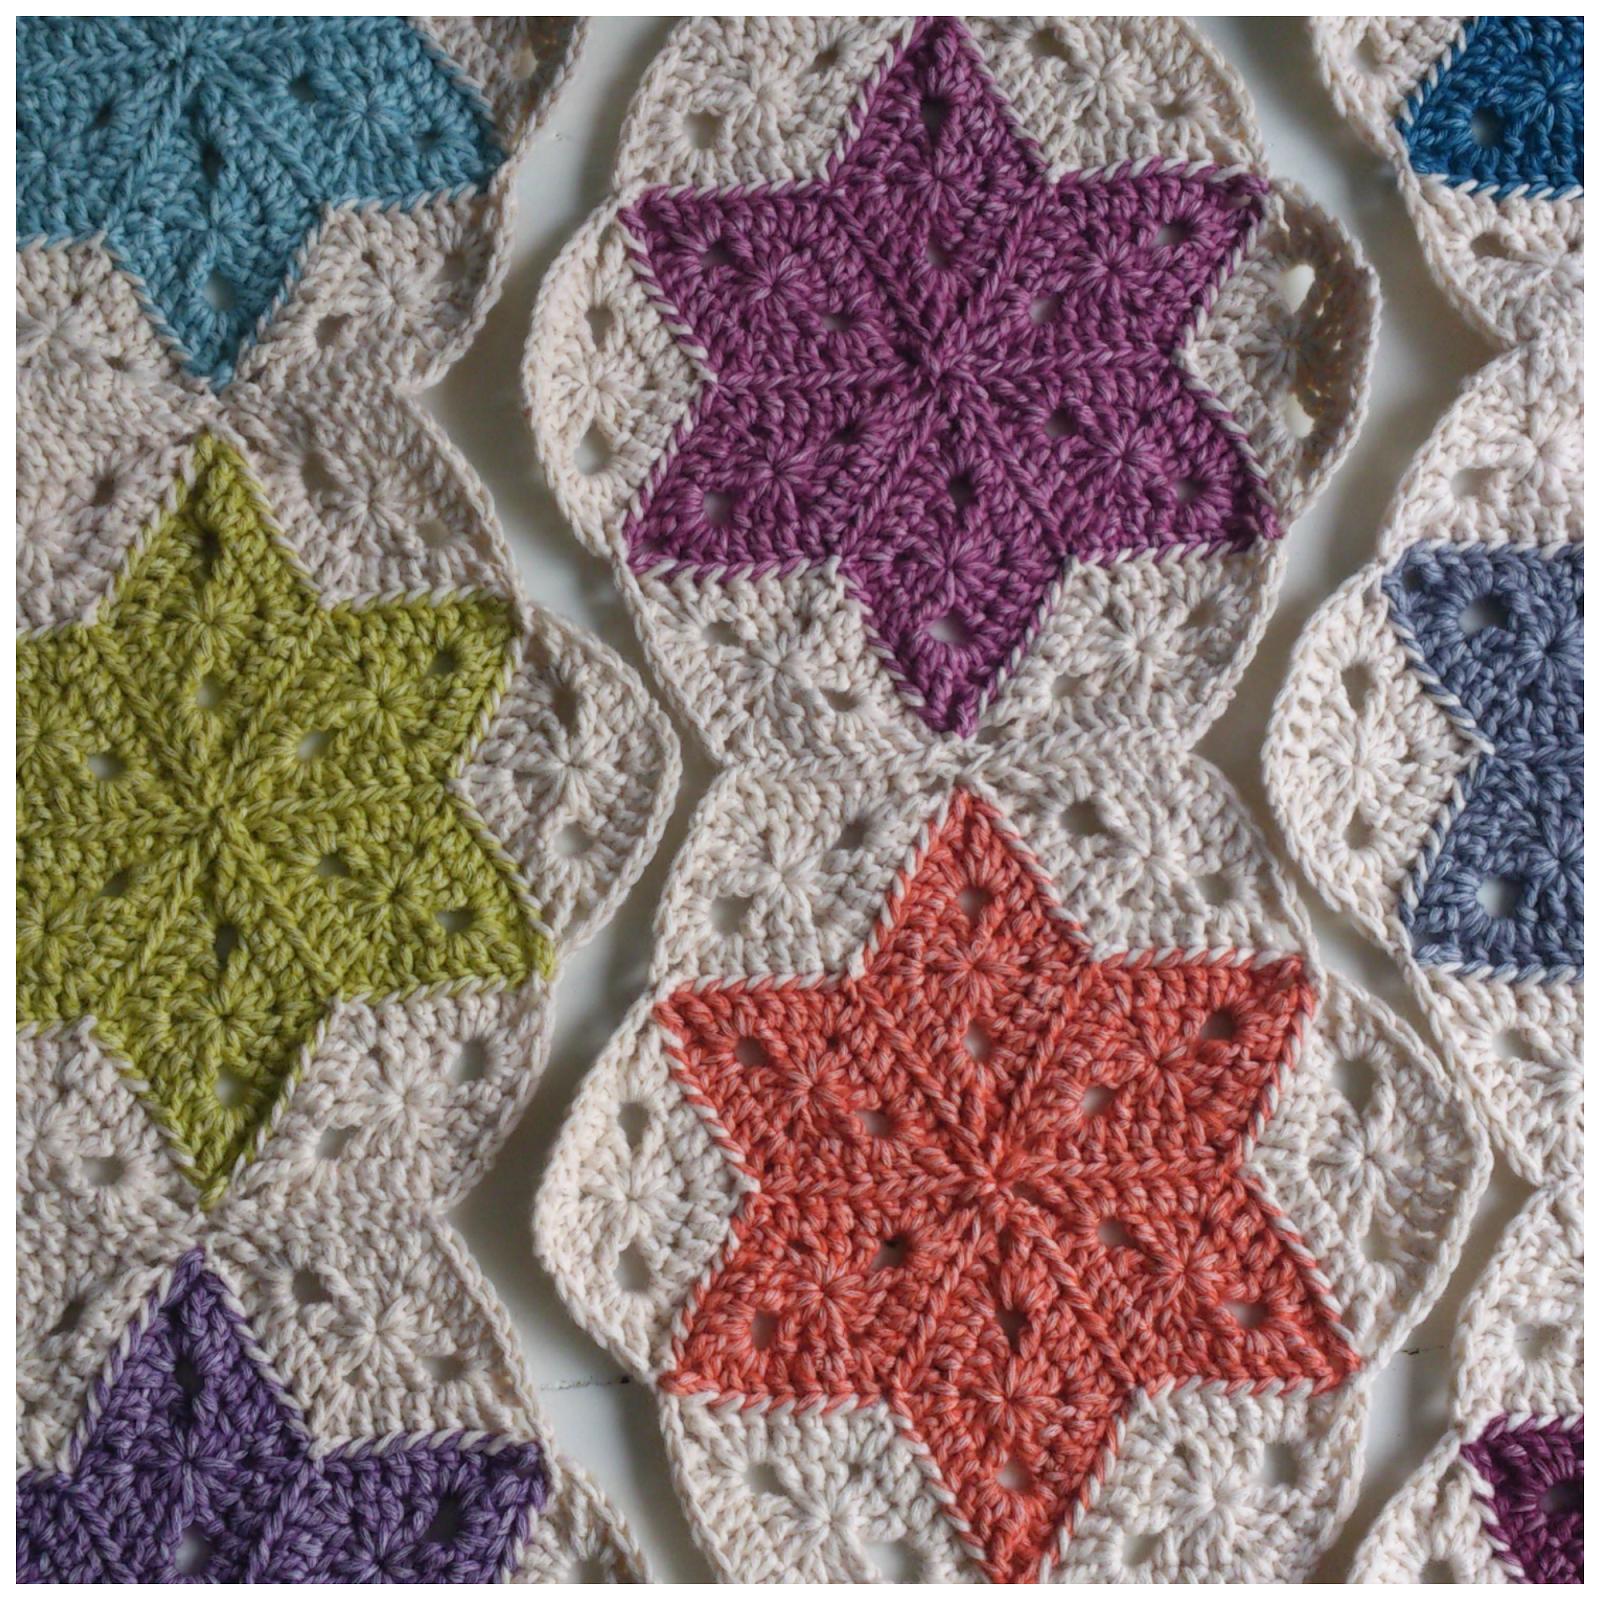 Star Blanket | Crochet Afghans, Blankets, Throws, Lapghans ...